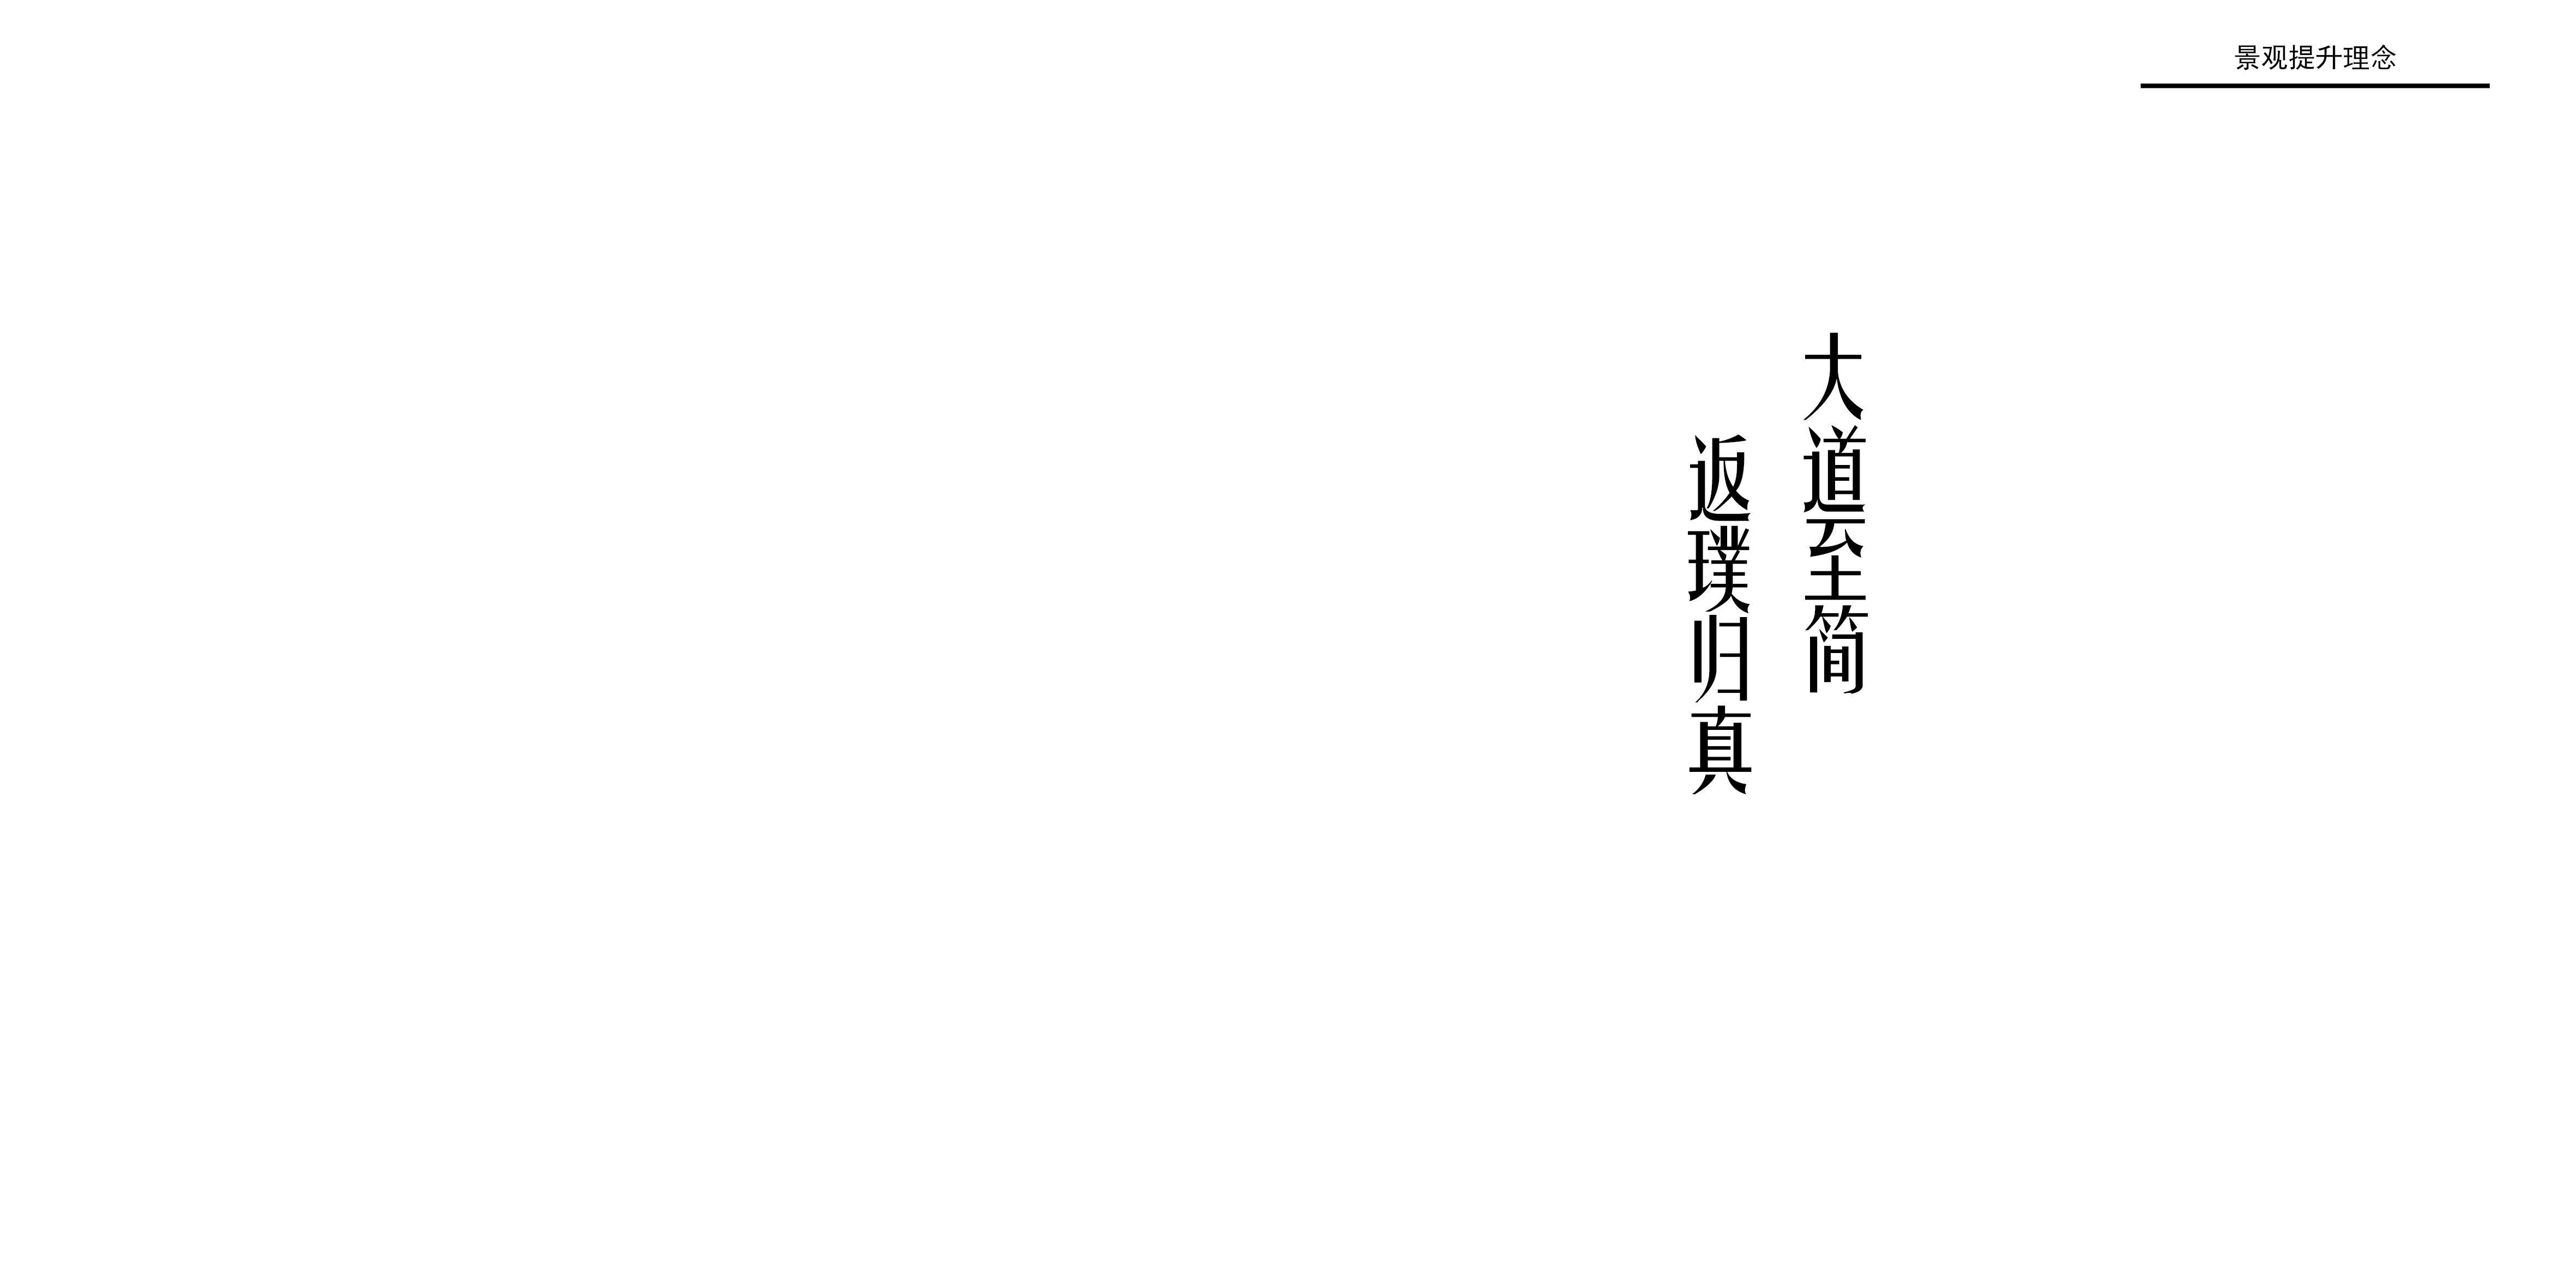 千丈幽谷景观提升设计_页面_21